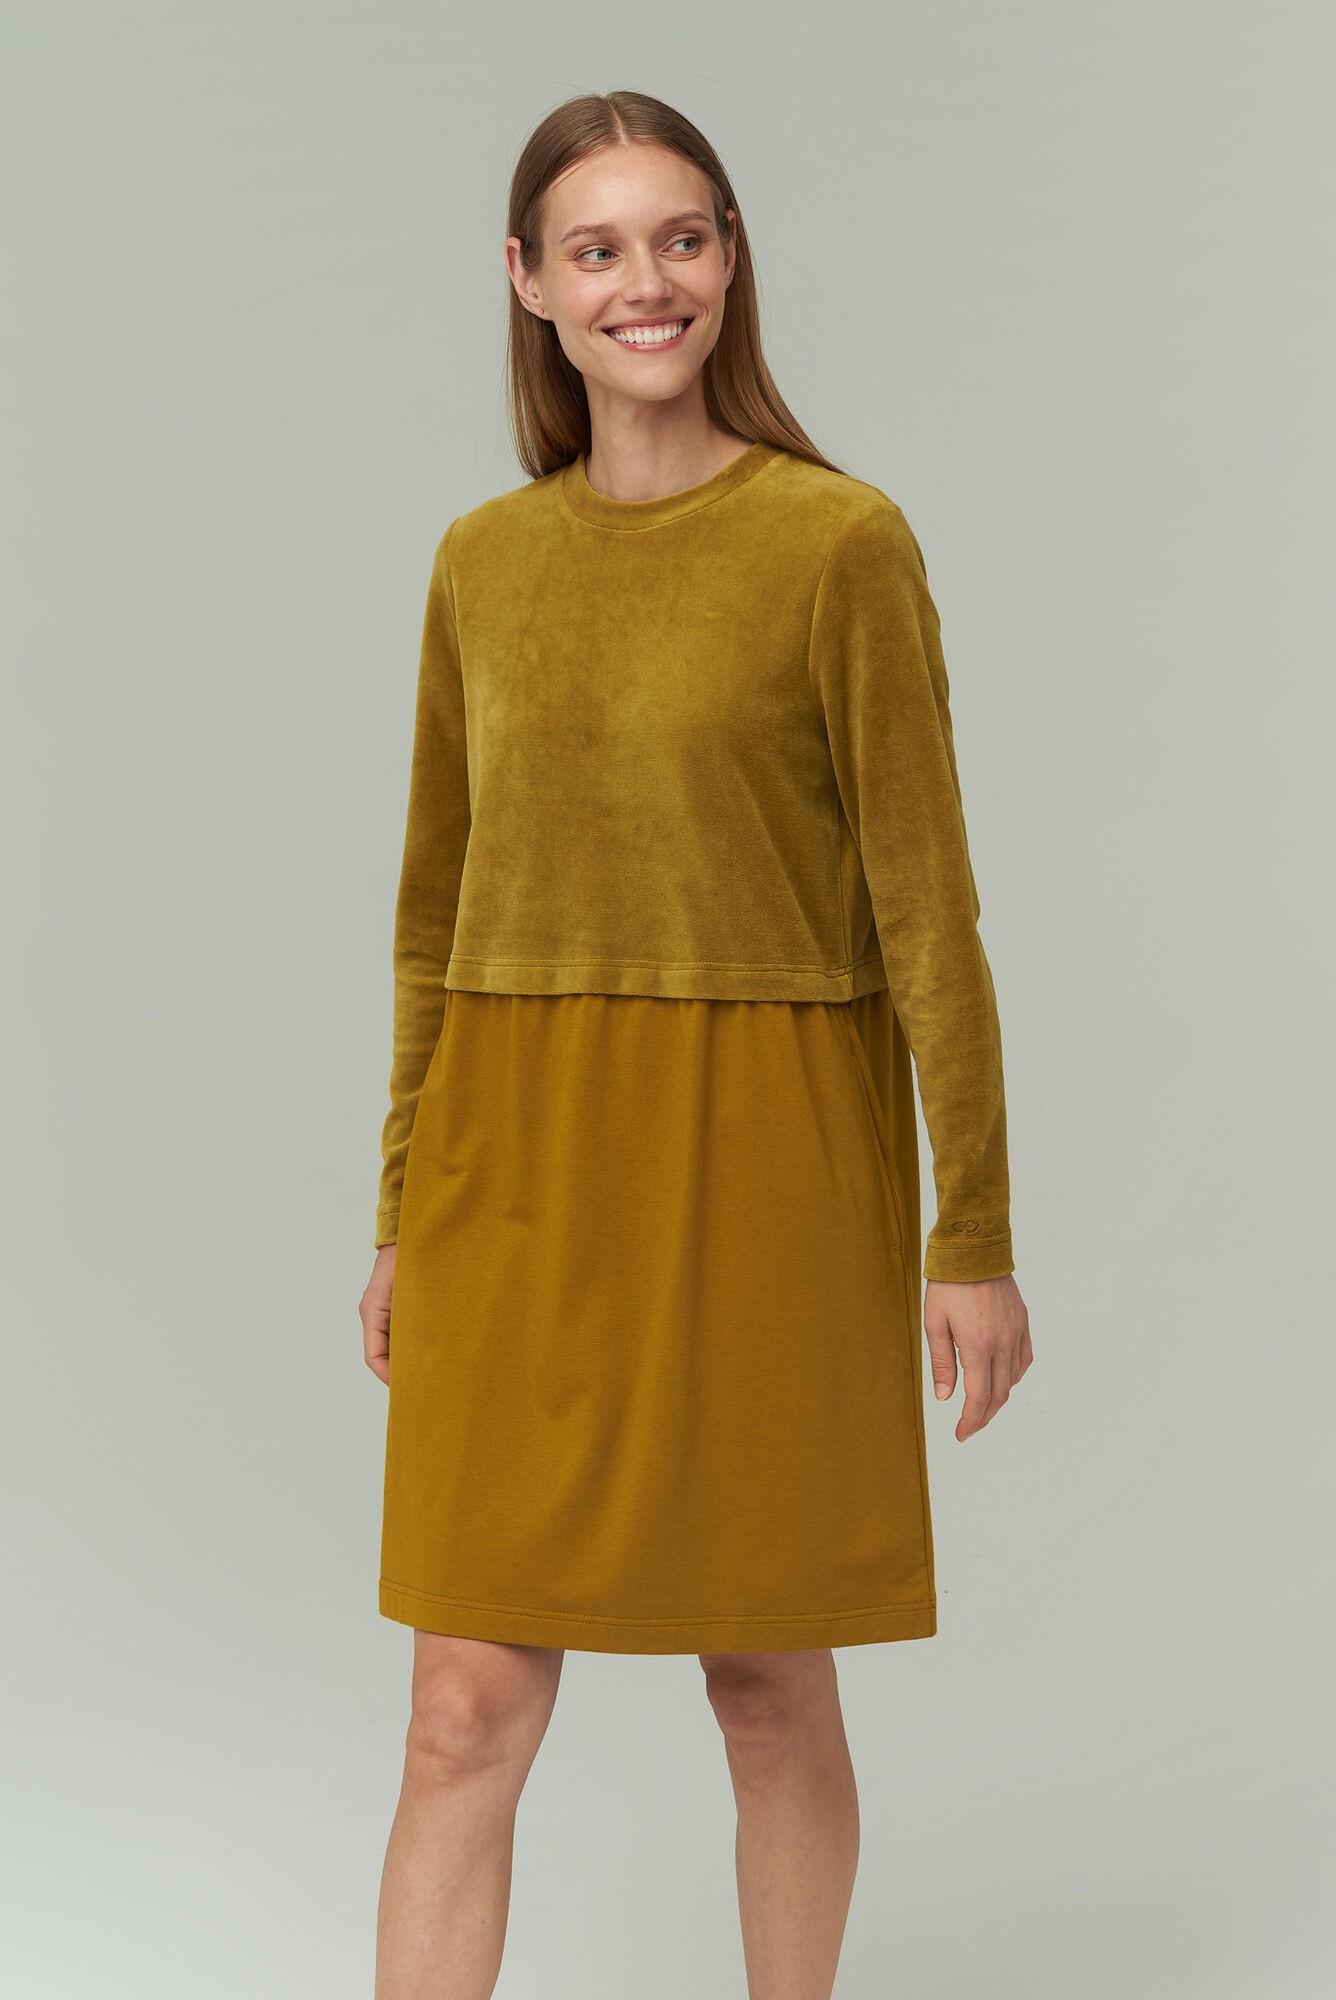 AUDIMAS Medvilninė veliūro suknelė 2021-104 Ecru Olive XS